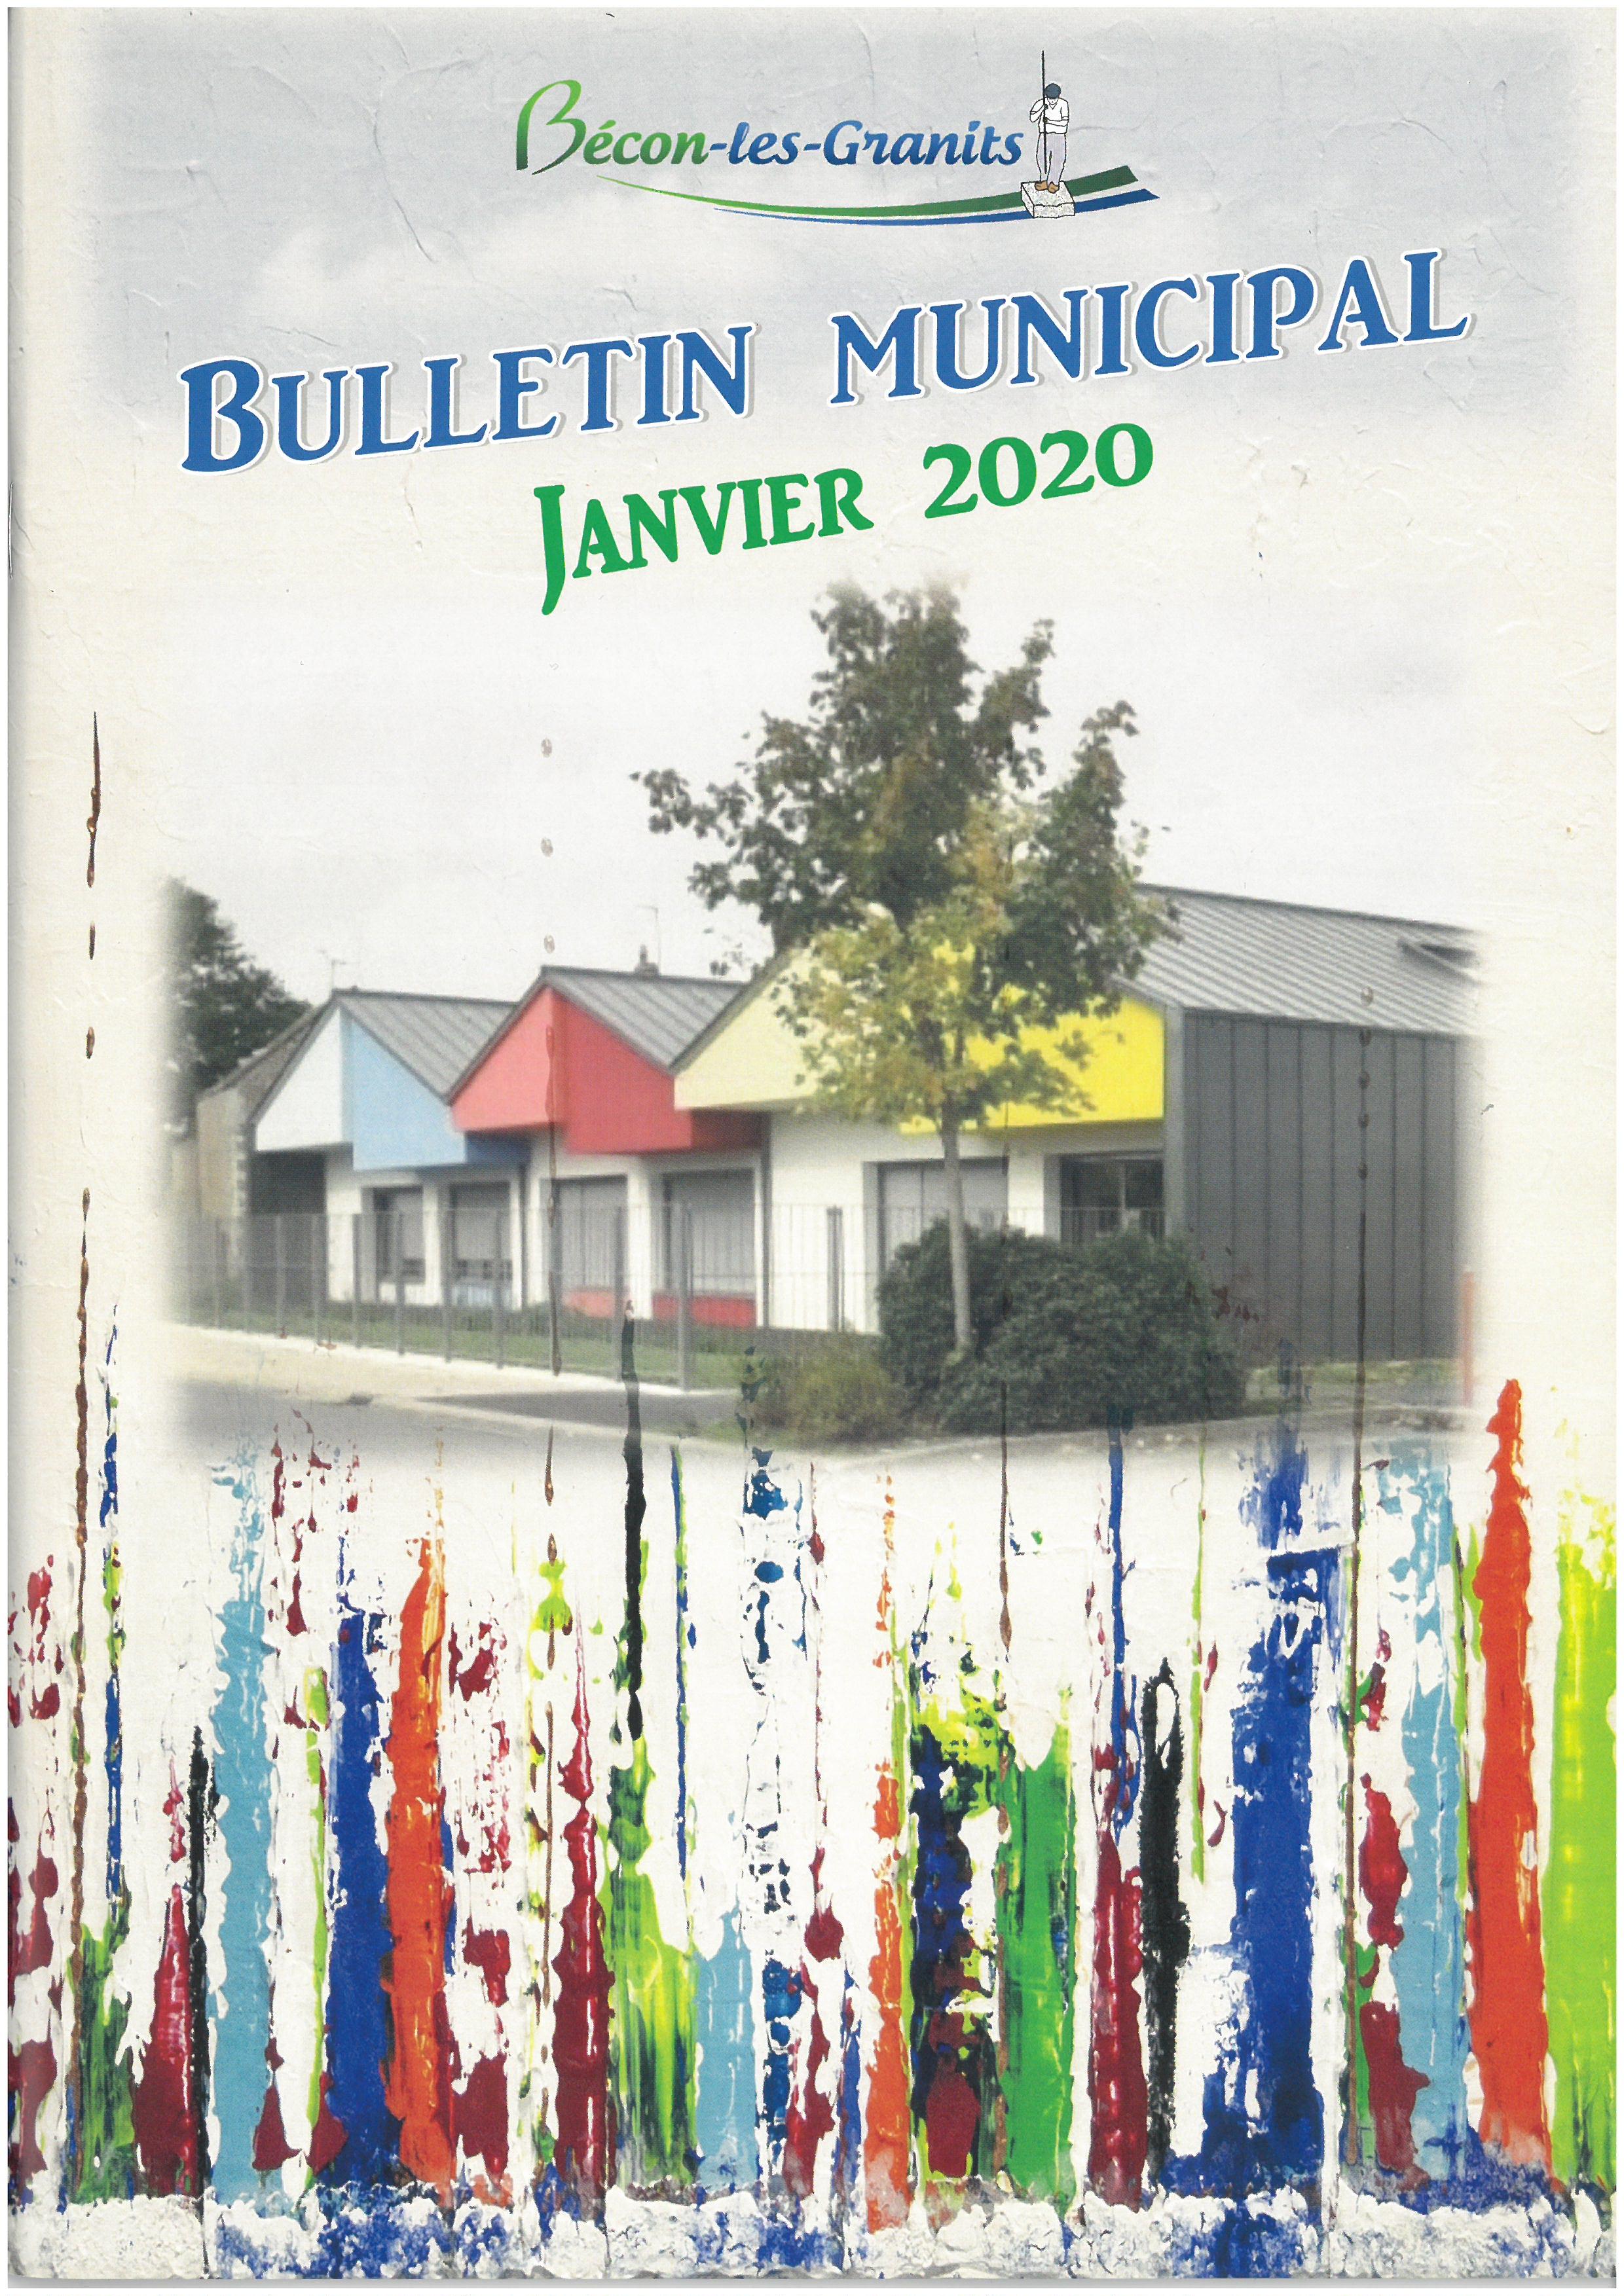 Bulletin_municipal_2020.jpg